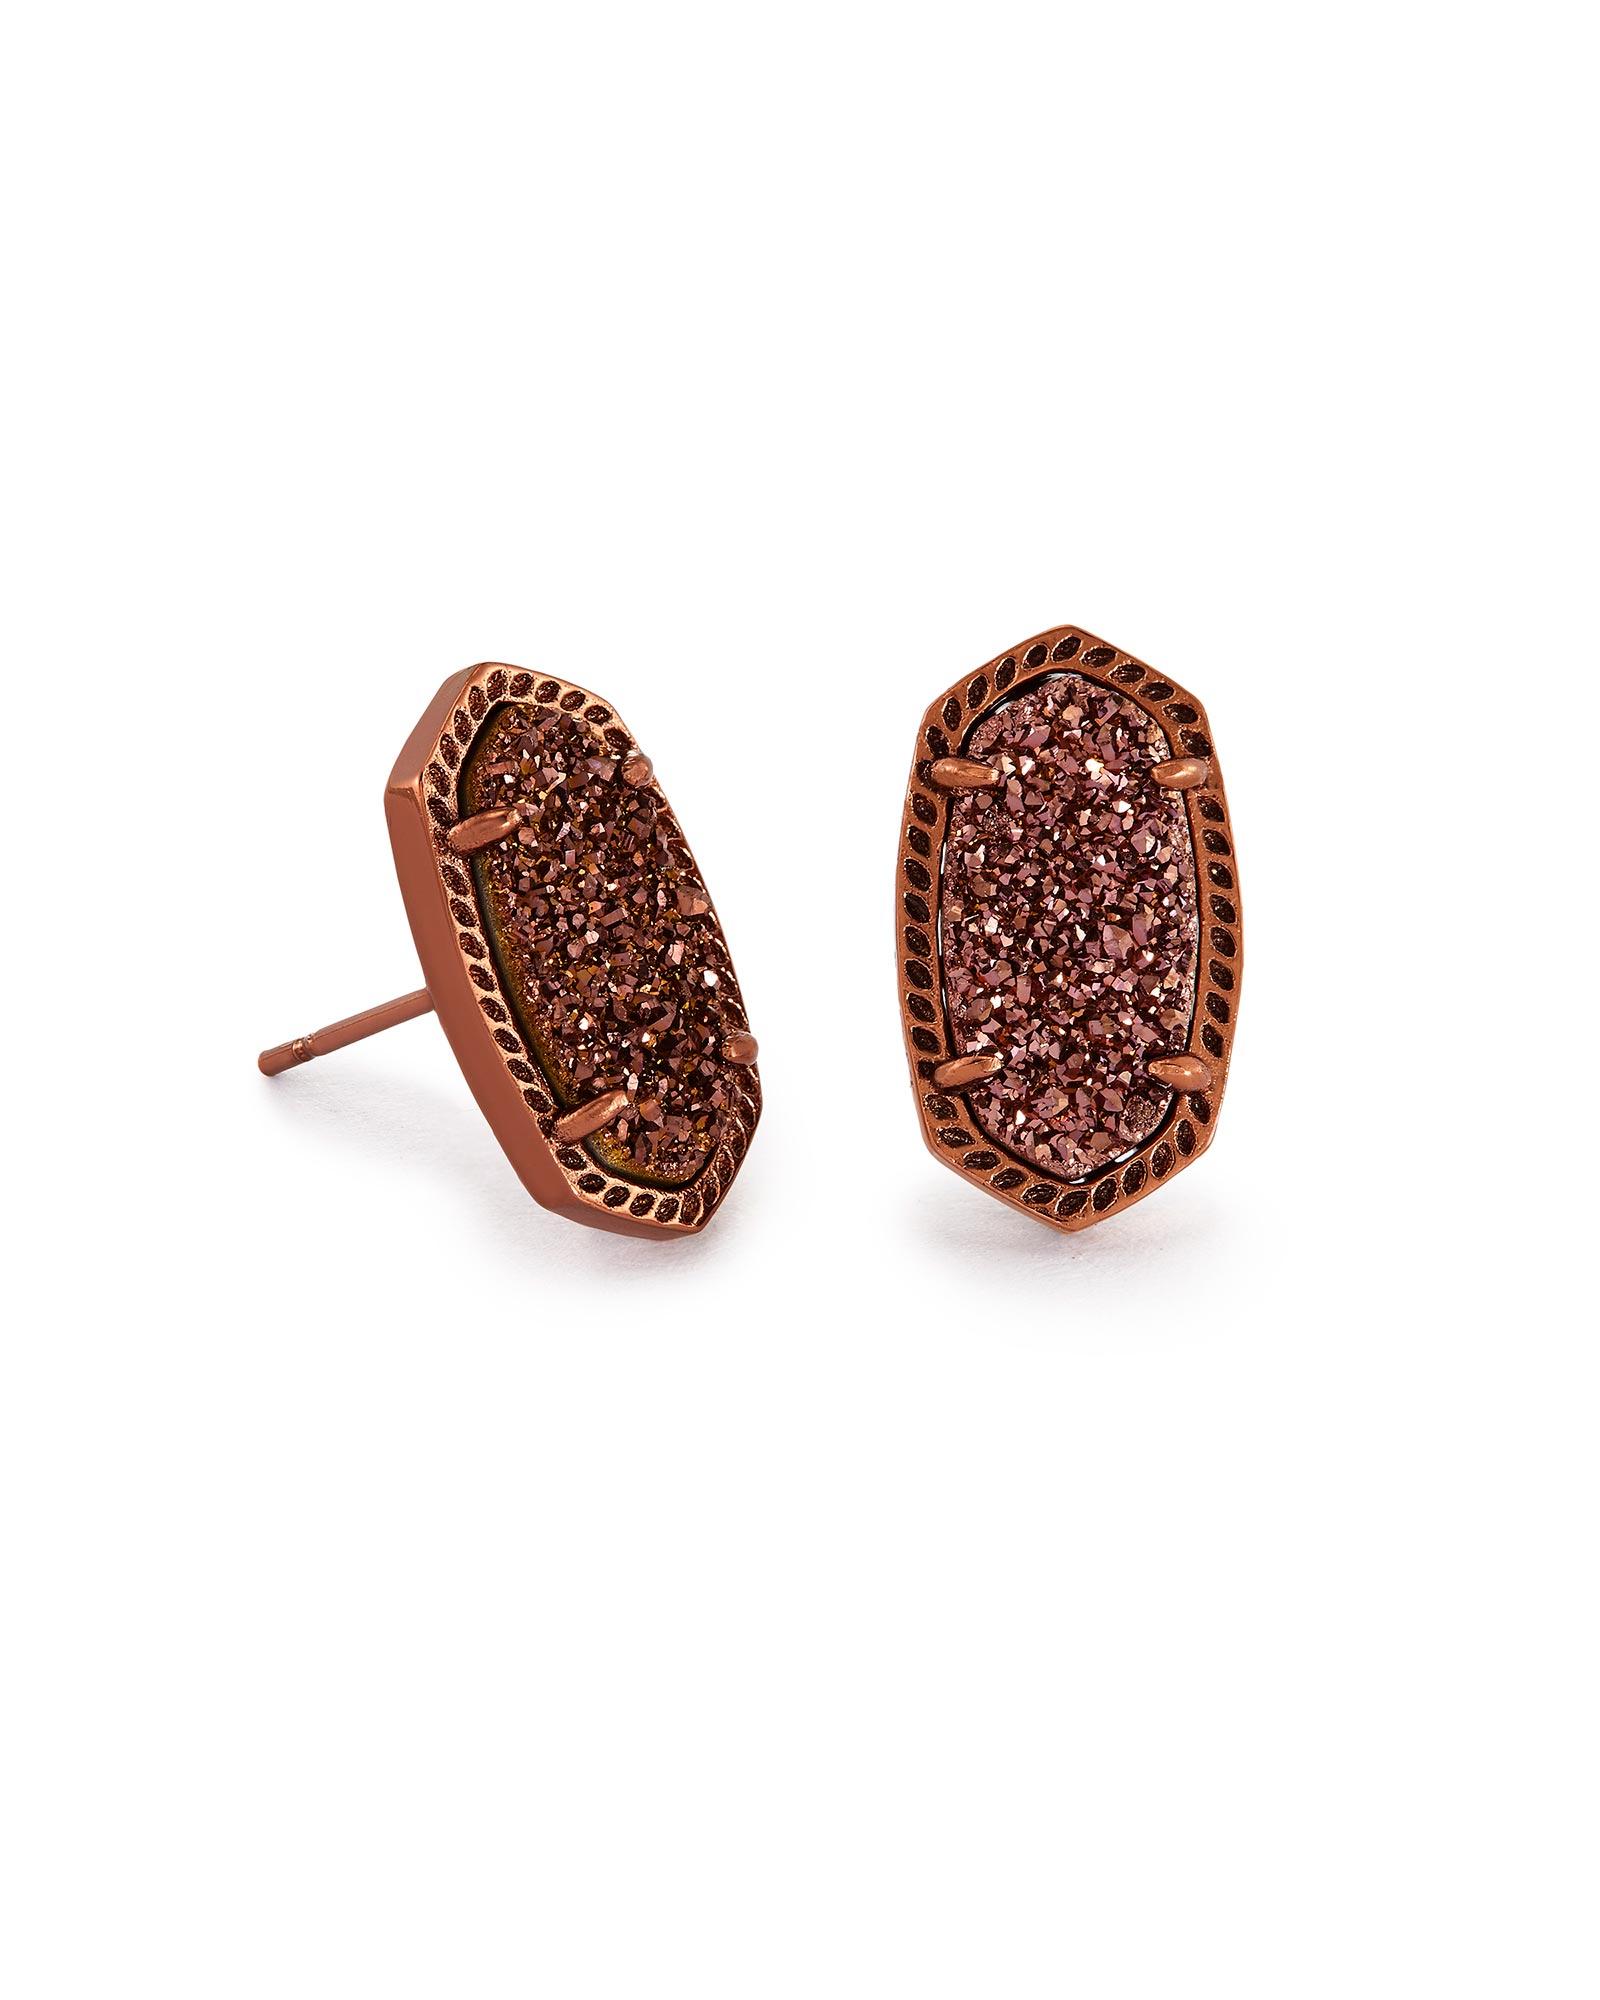 Chocolate Stud Earrings Stud Earrings References